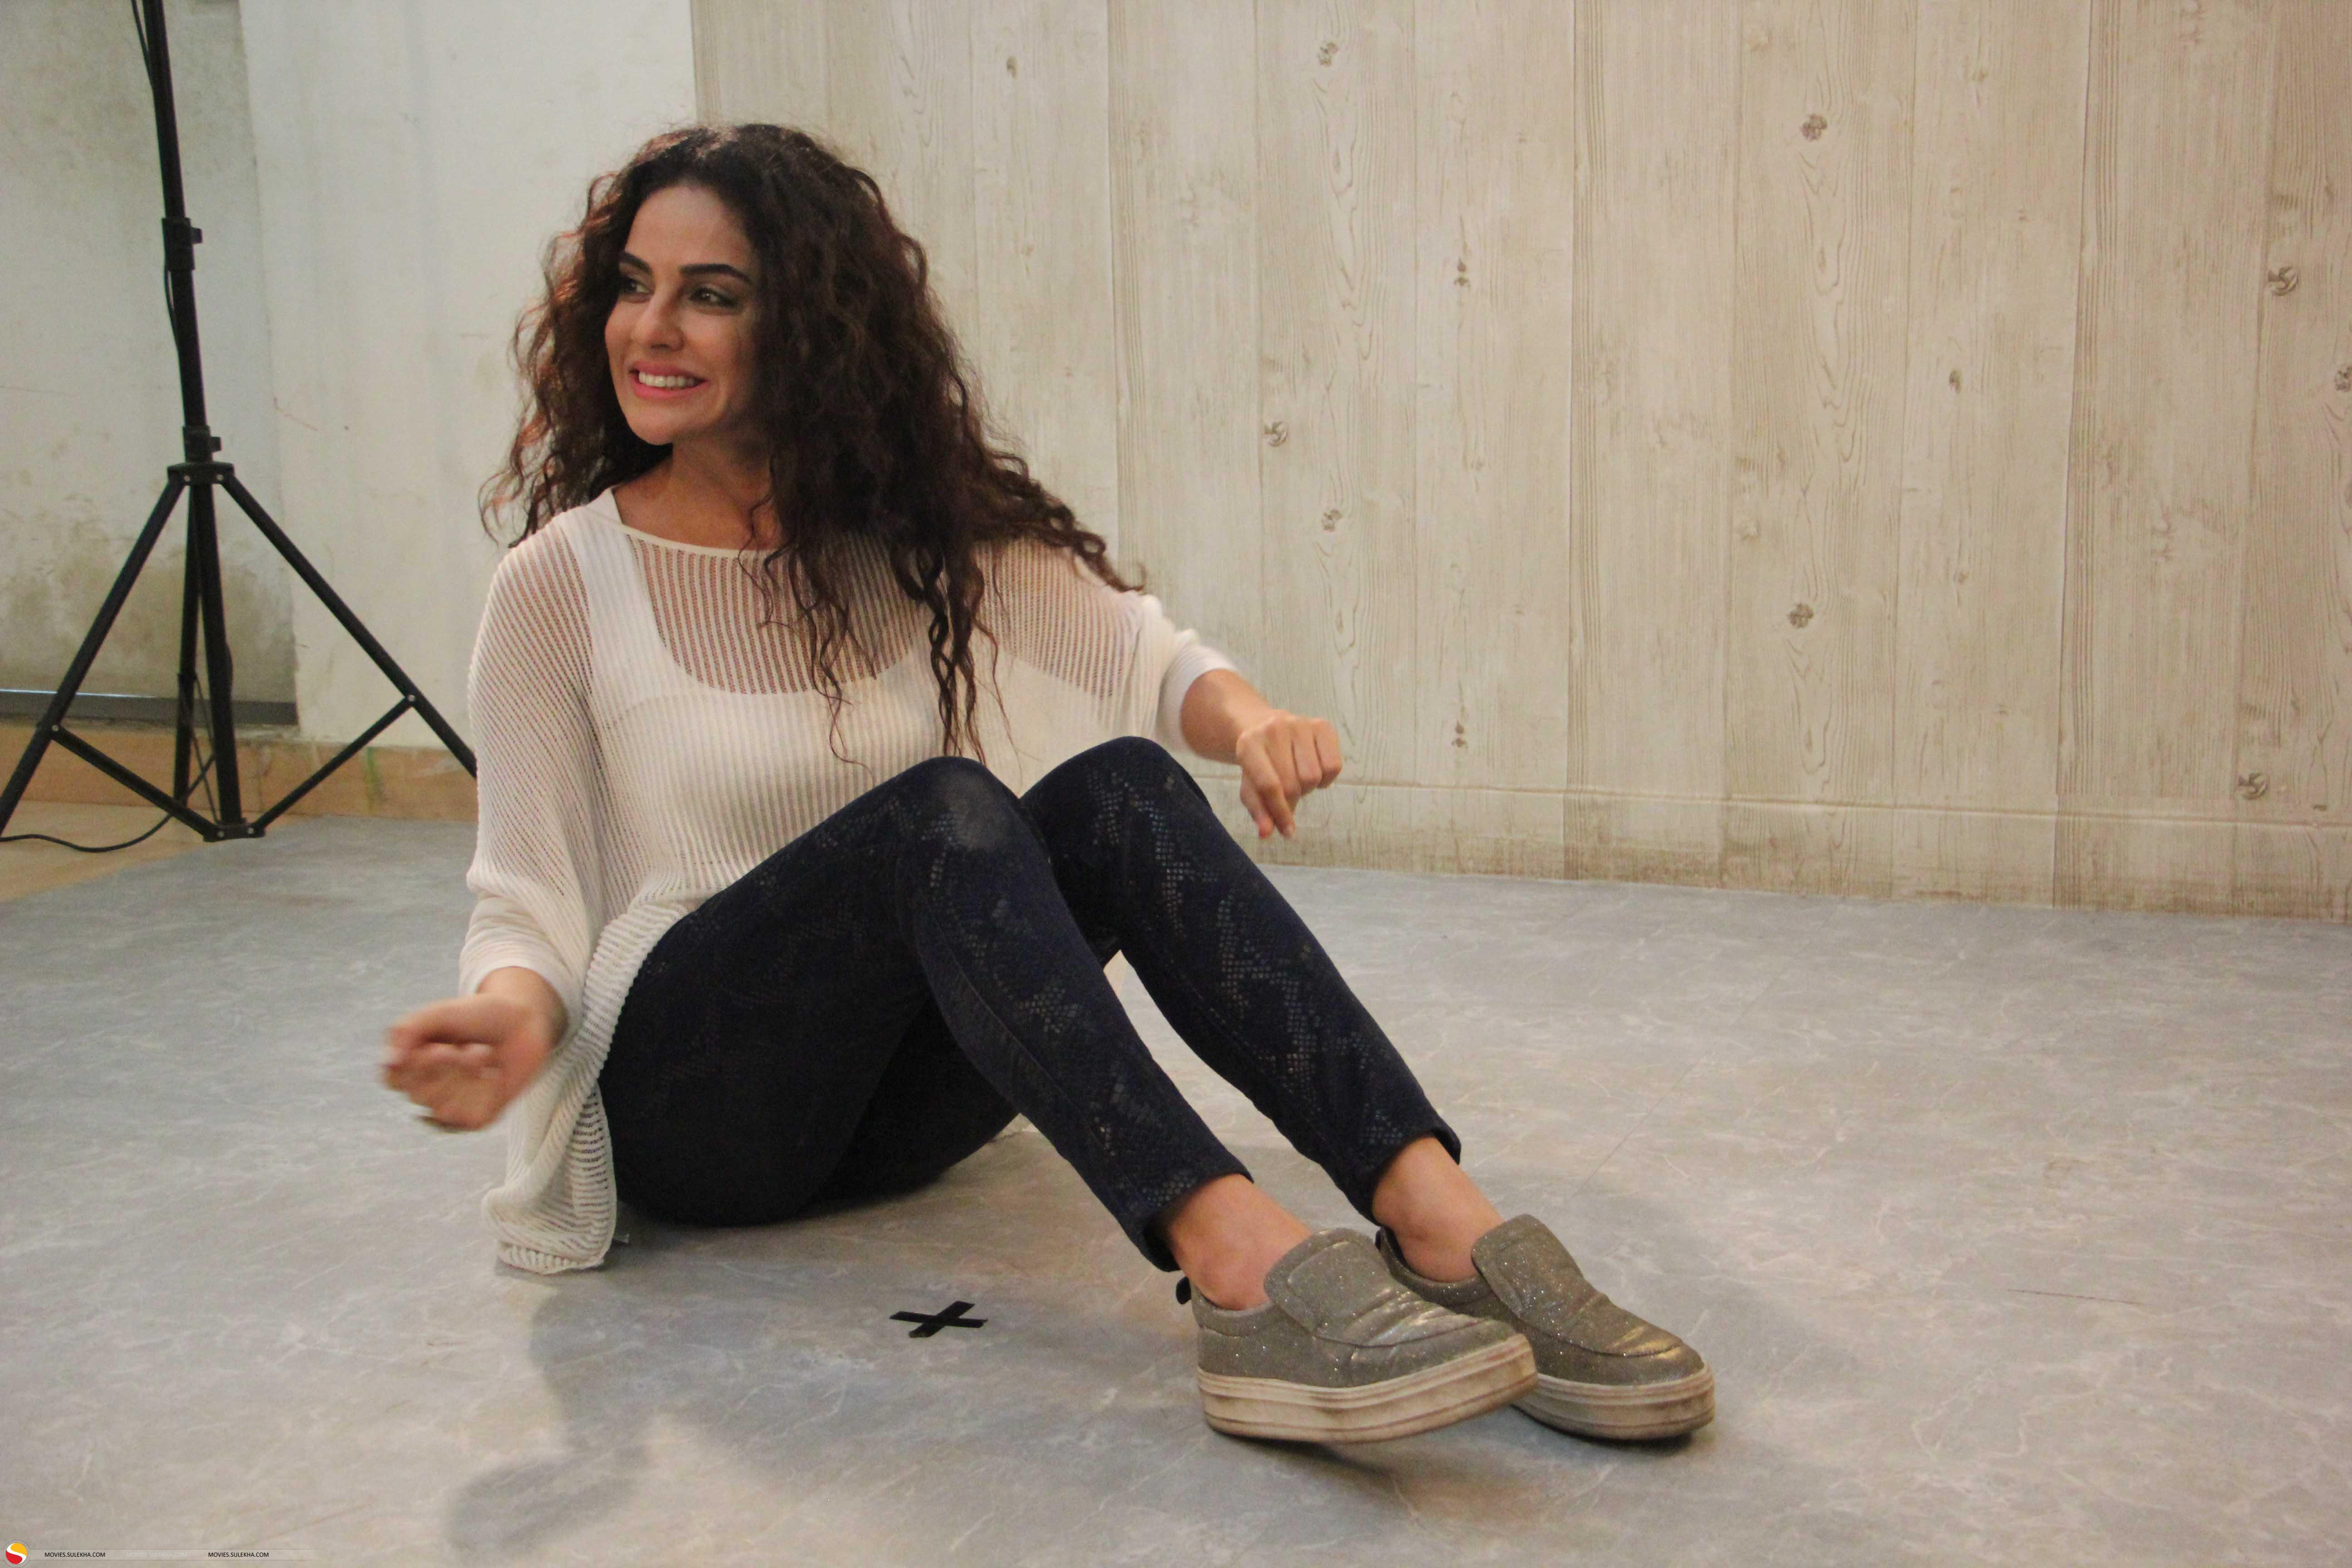 Page 9 of hot sara arfeen khan hot sara arfeen khan actress hot sara arfeen khan picture voltagebd Image collections